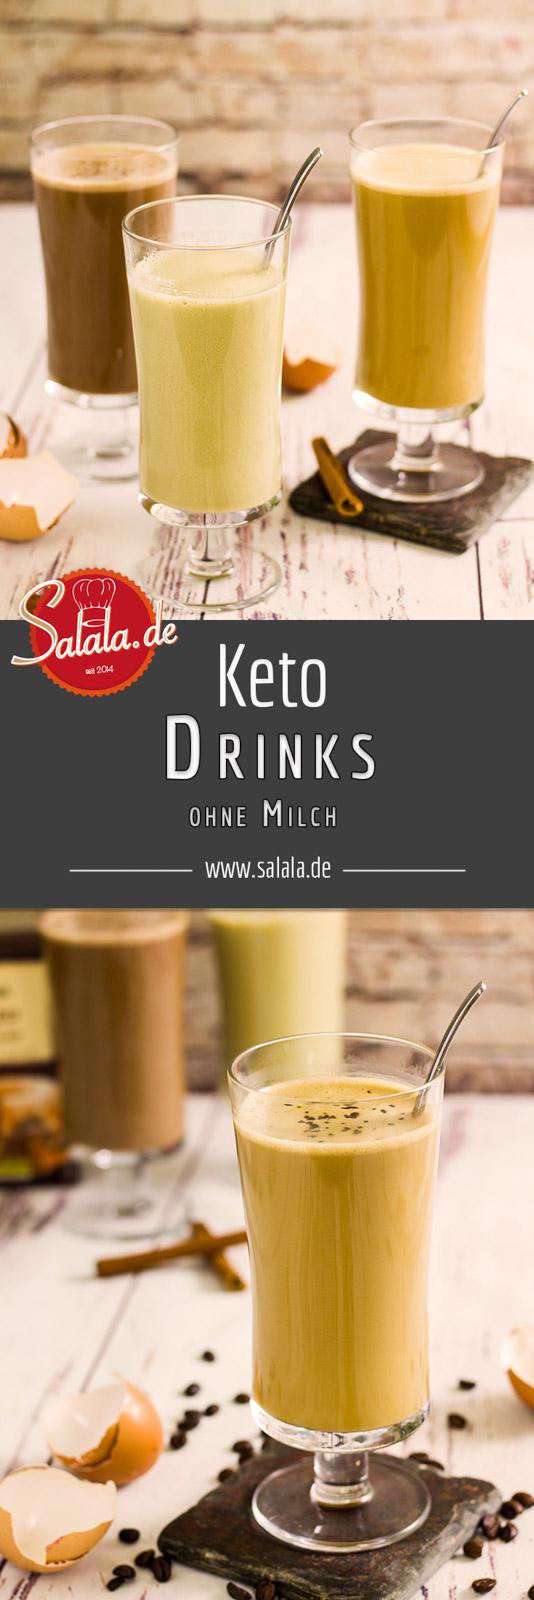 3 schnelle milchfreie Keto Drinks - by salala.de -mit Matcha, Kakaofasern oder Kaffee Rezept zum Frühstück #frühstück #lowcarbfrühstück #lowcarb #lowcarbrezepte #keto #ketorecipes #drinks #lowcarbgetränk #ohnezucker #sugarfree #milkfree #milchfrei